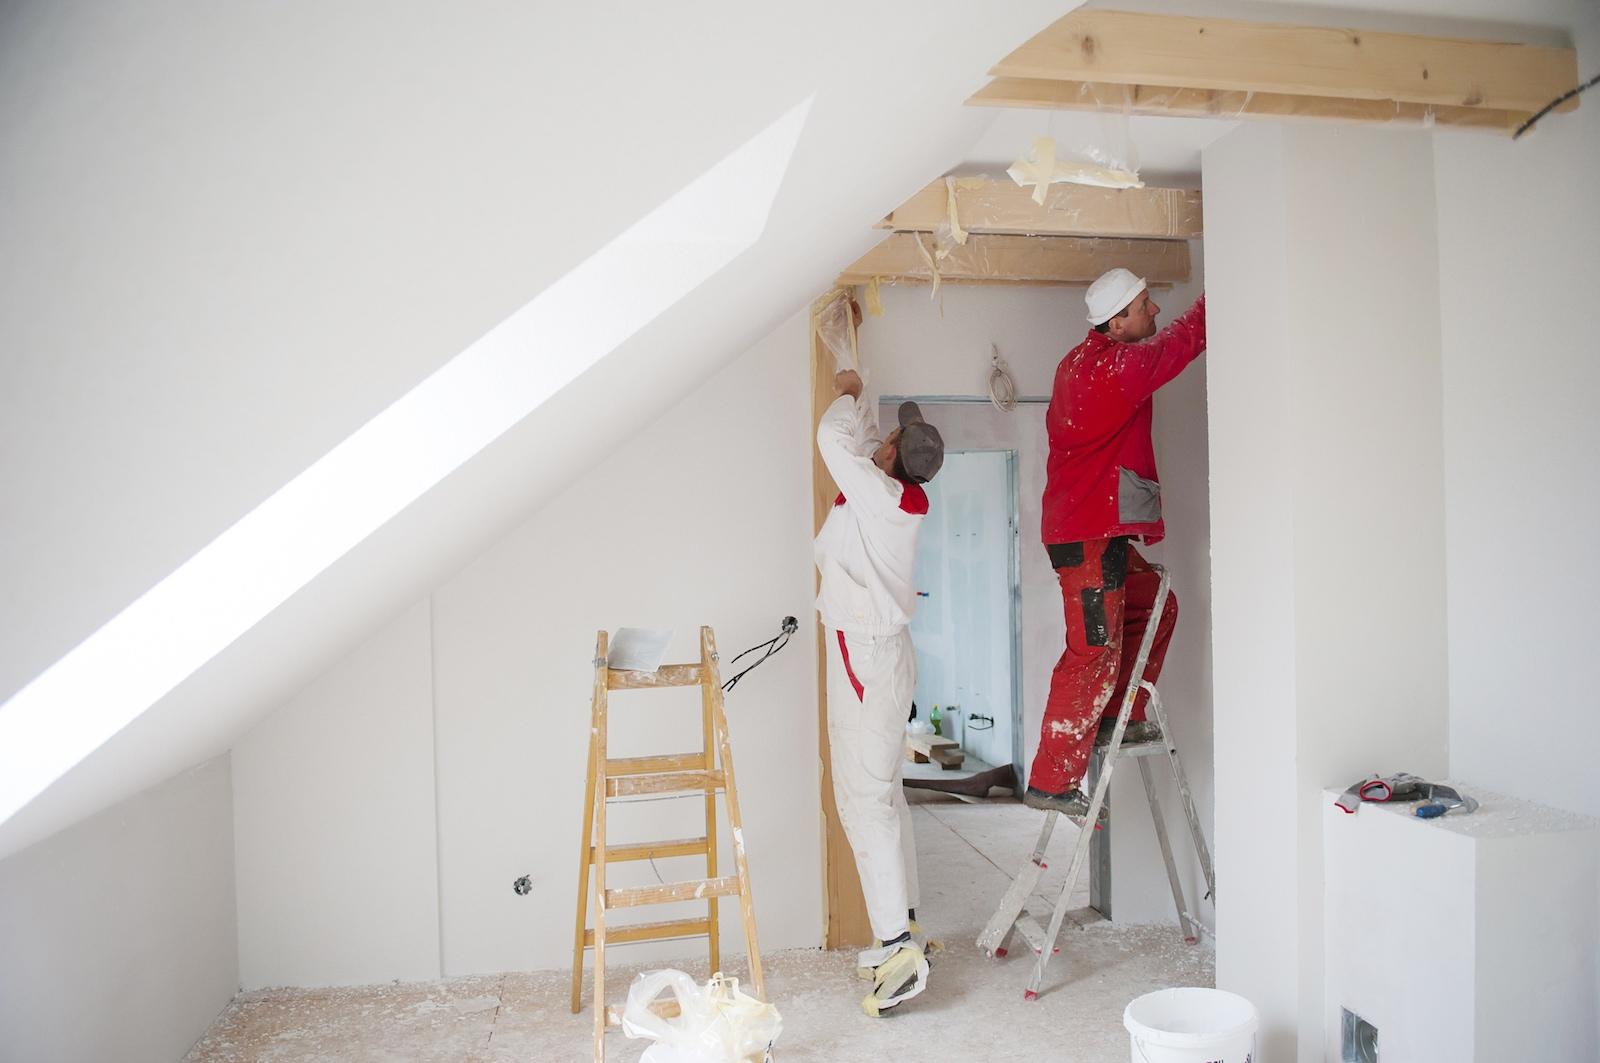 Umbau, Renovation, Sanierung